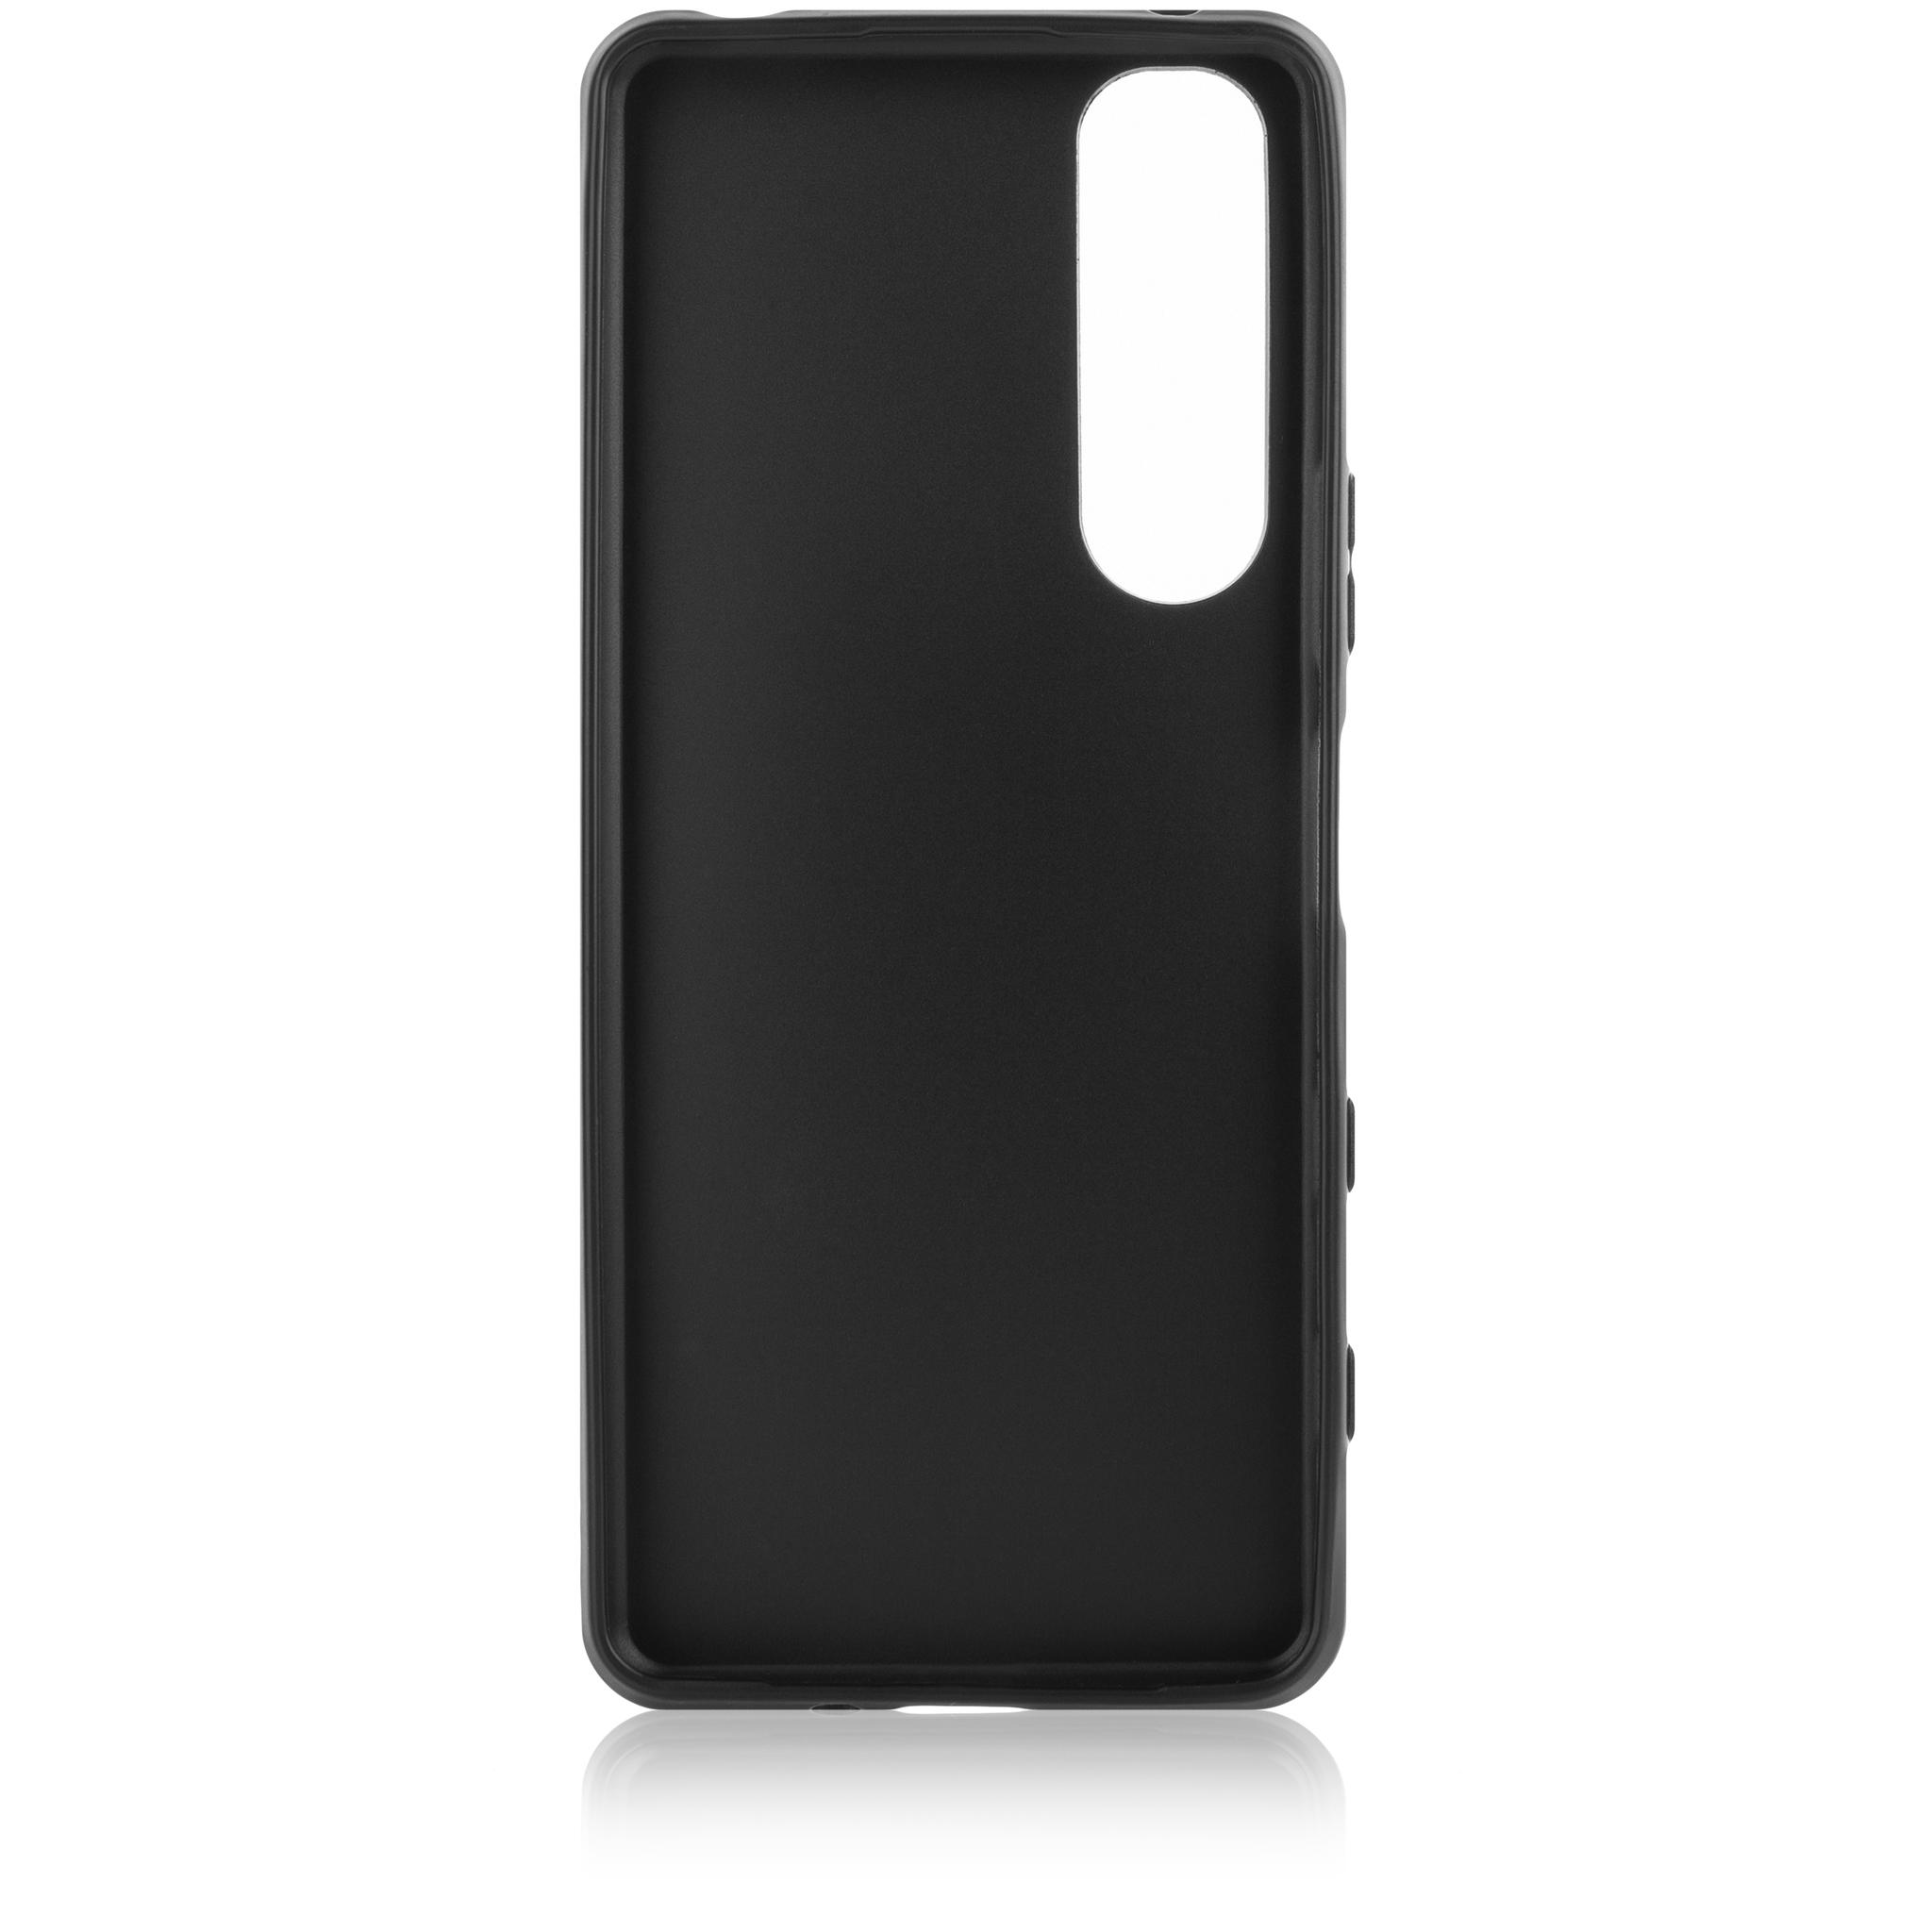 Накладка матовая для смартфона Xperia 5 III чёрного цвета